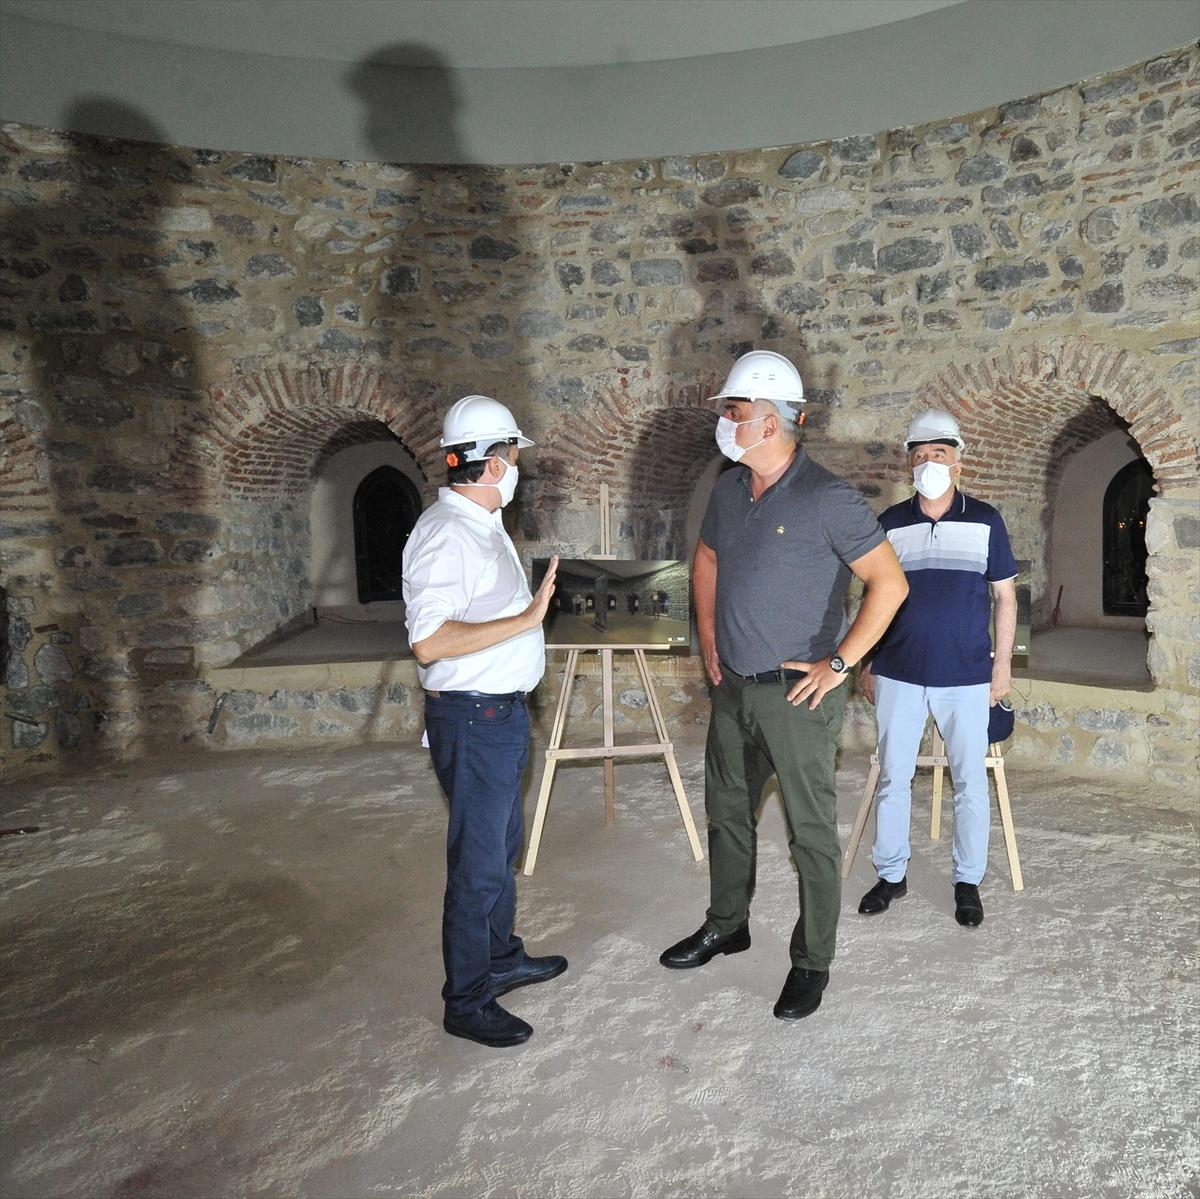 Kültür ve Turizm Bakanı Ersoy Galata Kulesi'ndeki çalışmaları denetledi